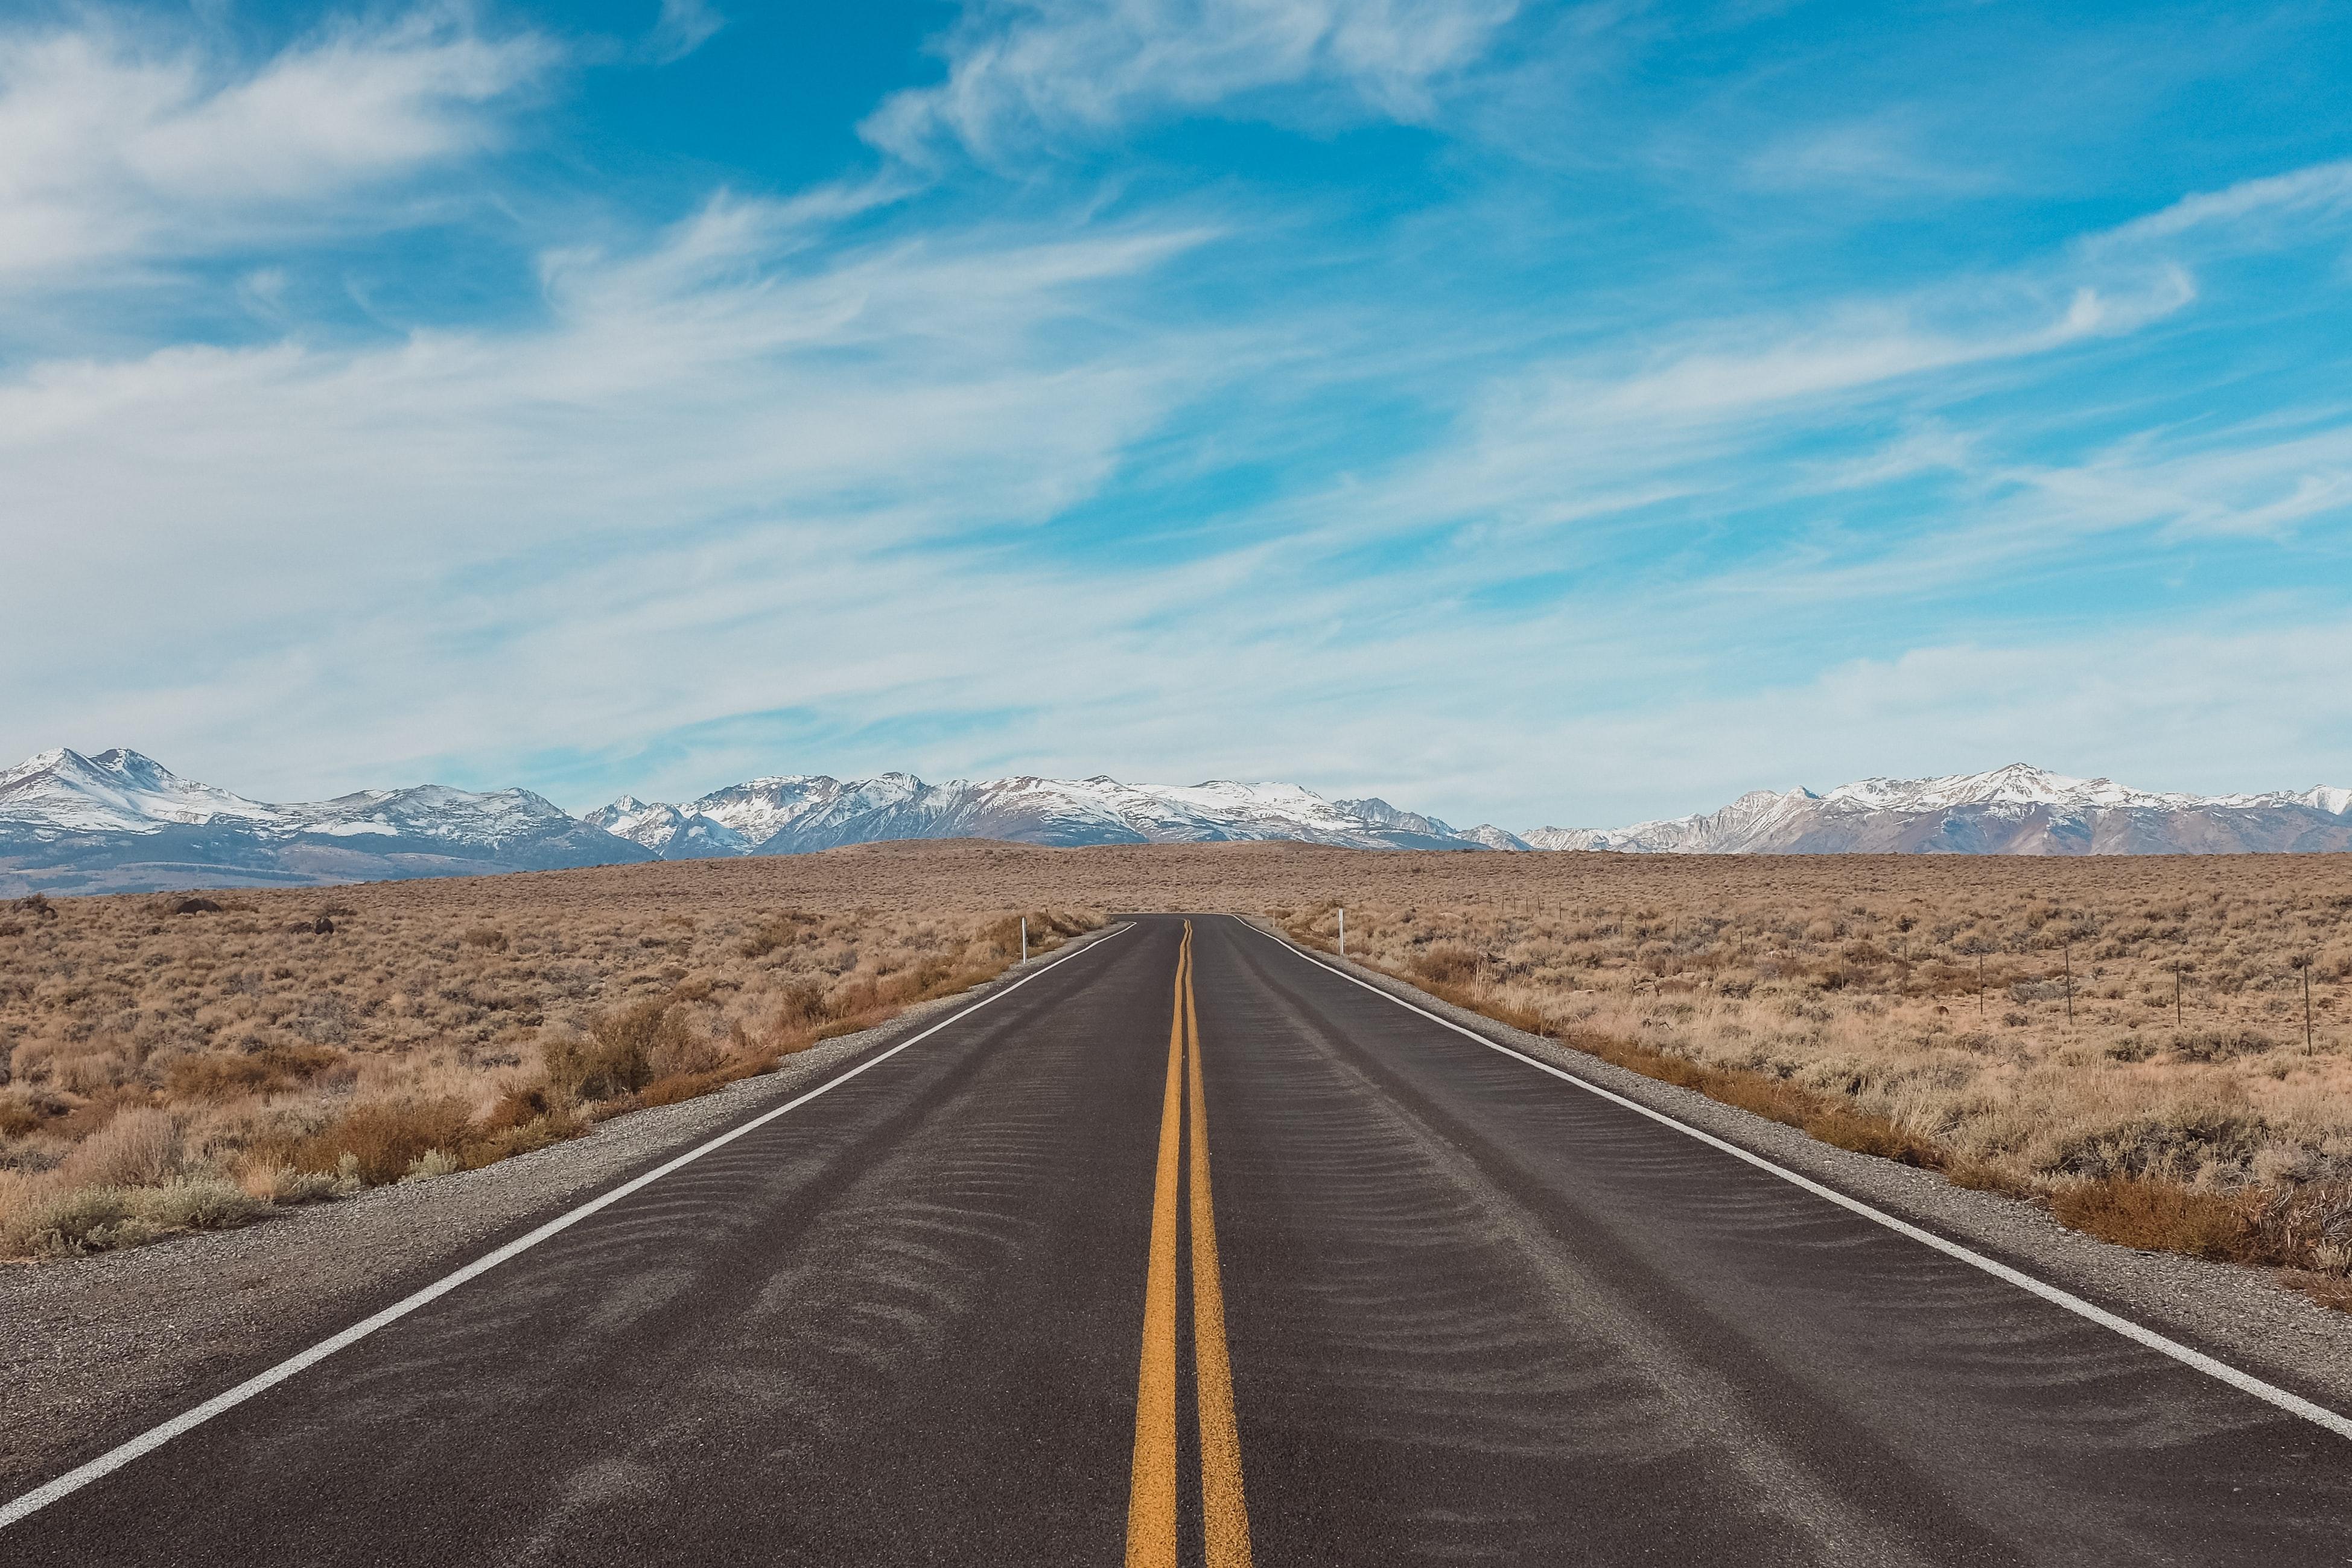 Journey Vs Destination, What Matters?